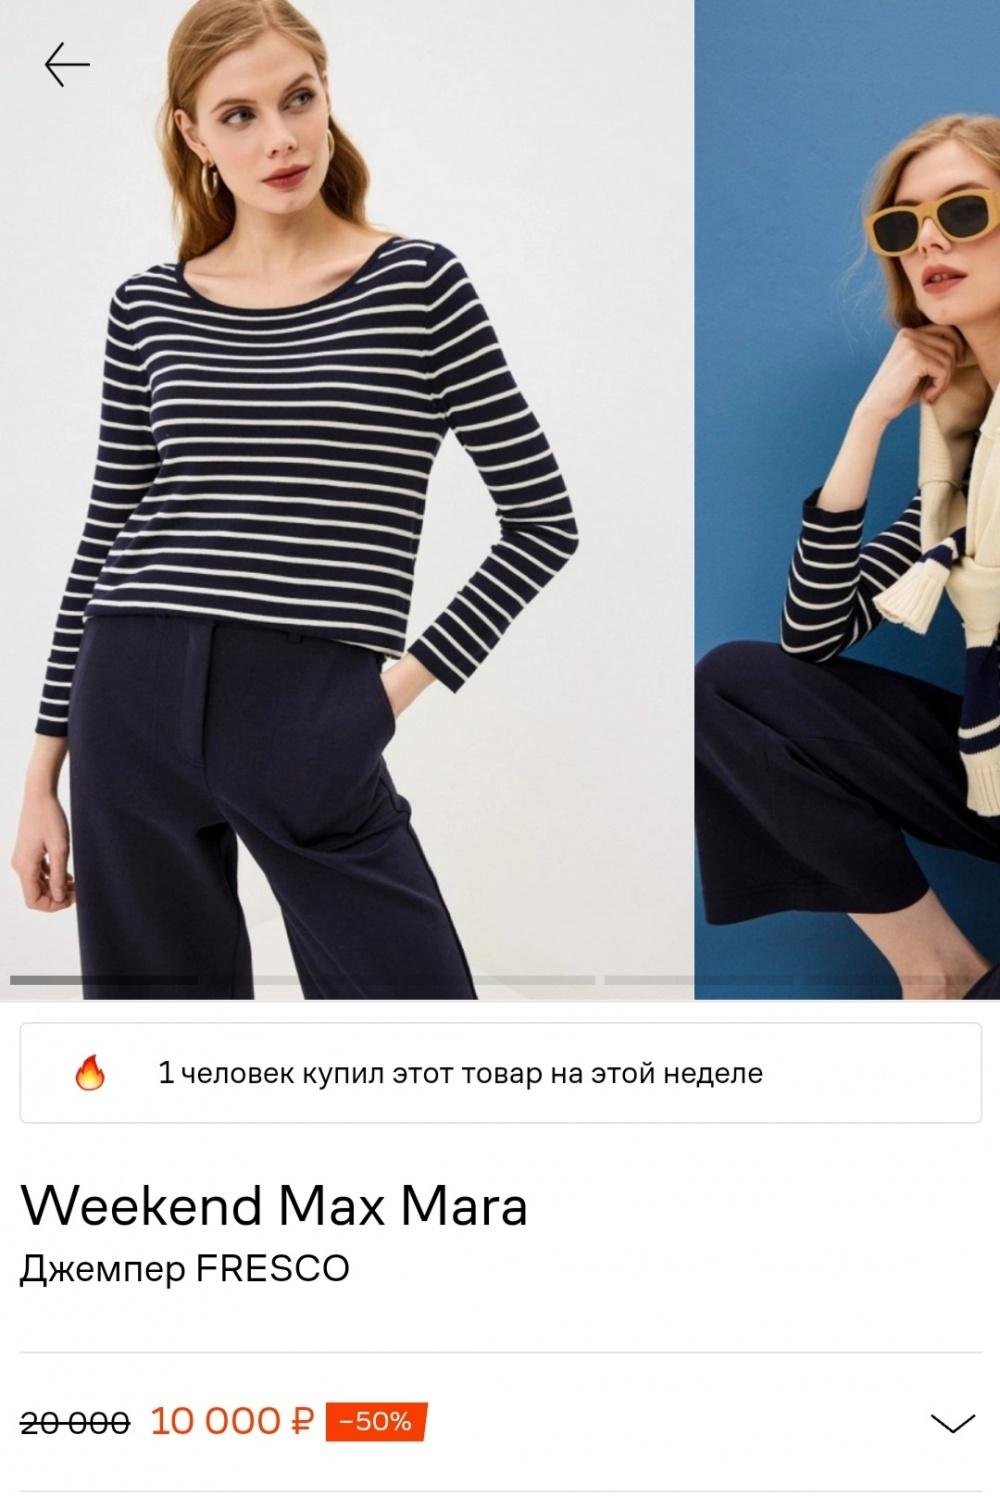 Лонслив Max Mara Weekend, р.М